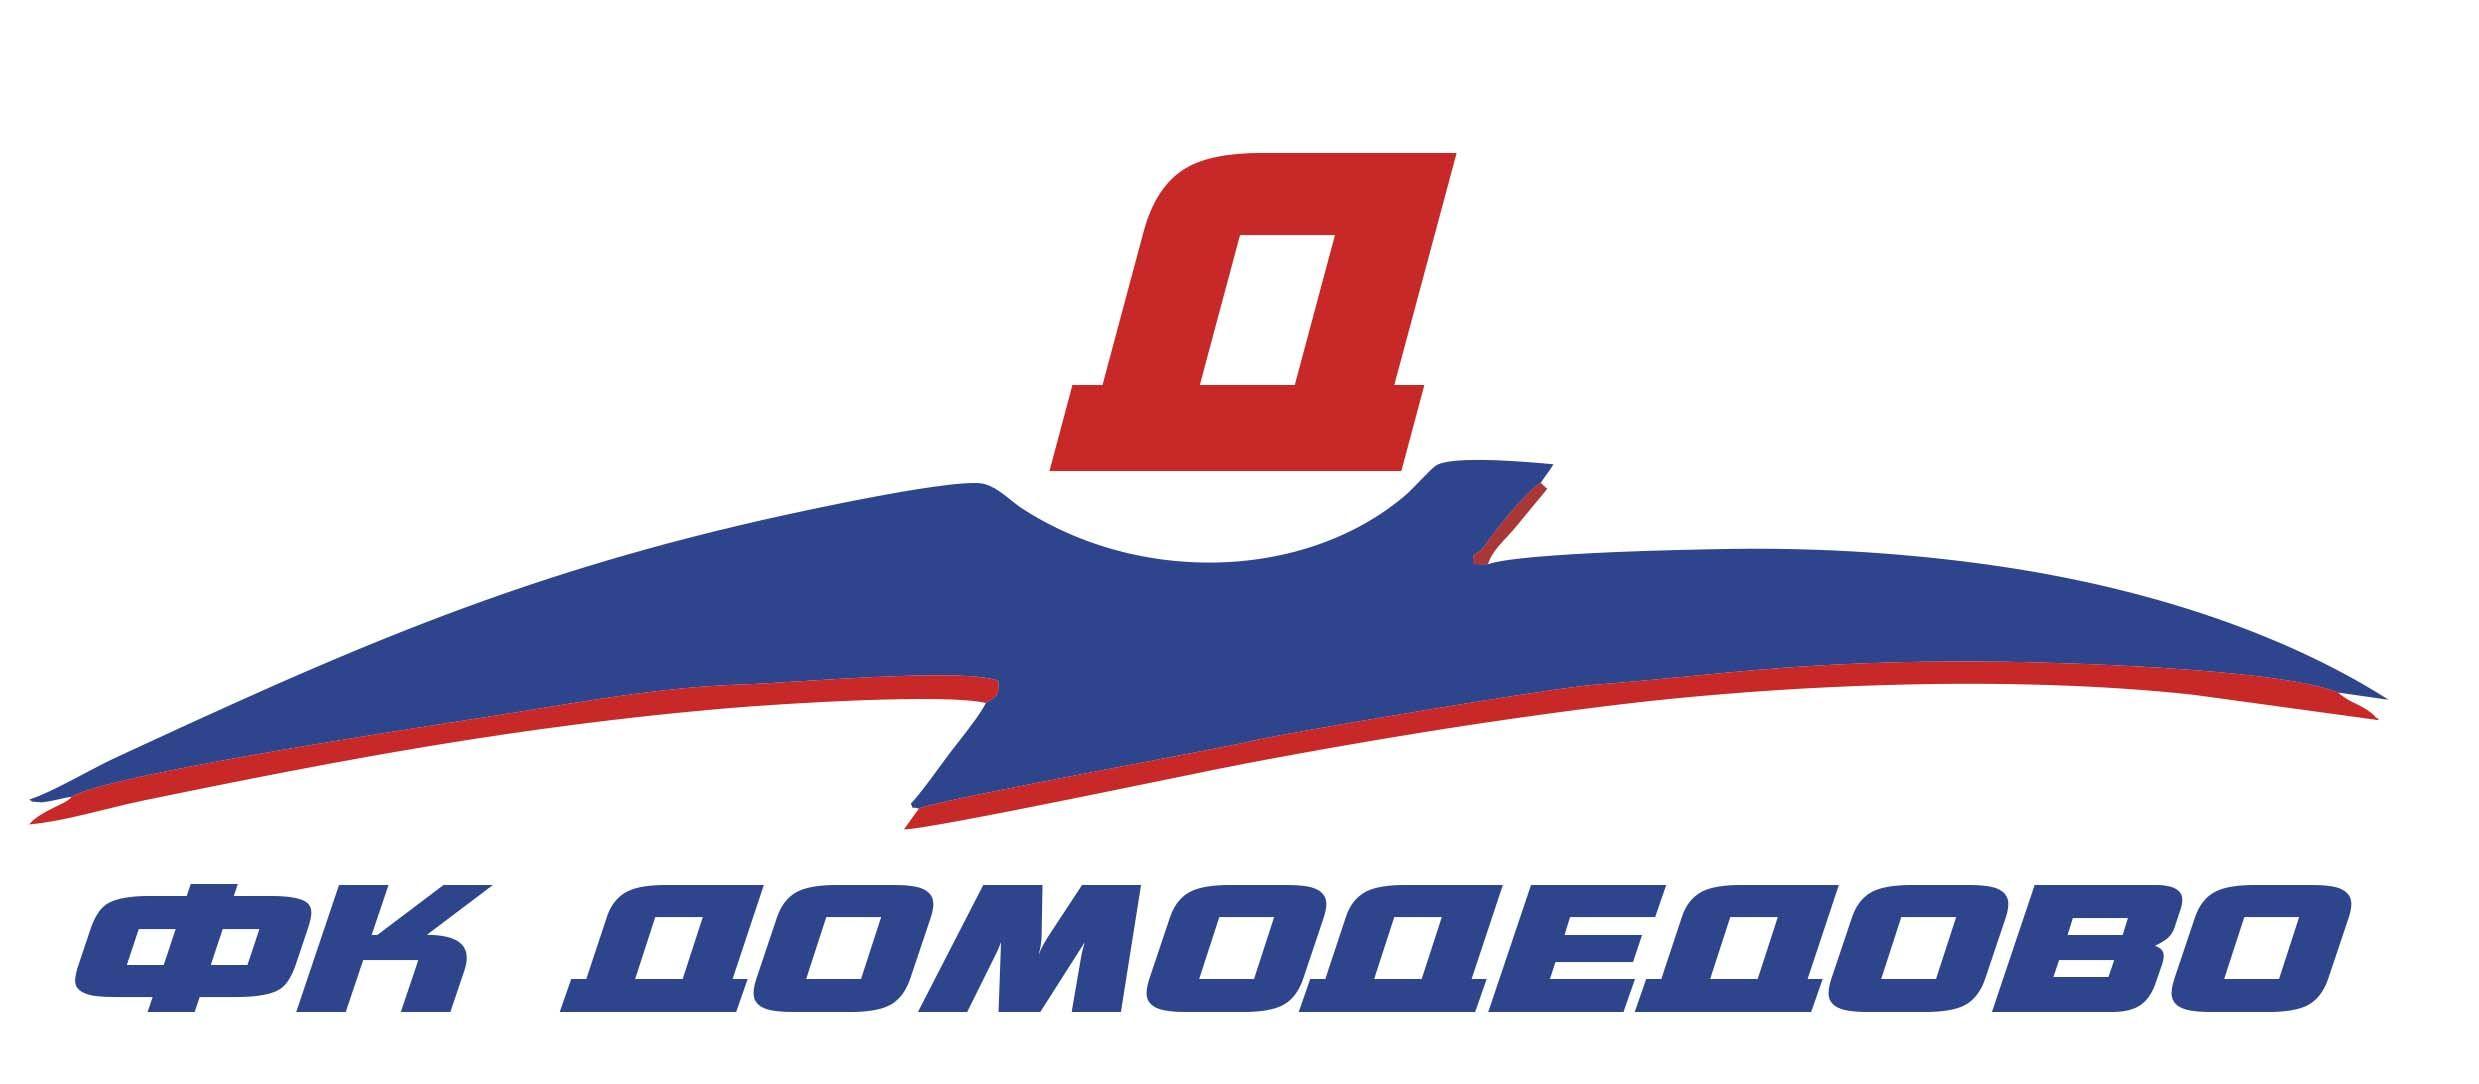 Логотип (Эмблема) для нового Футбольного клуба - дизайнер unuhih3392nk